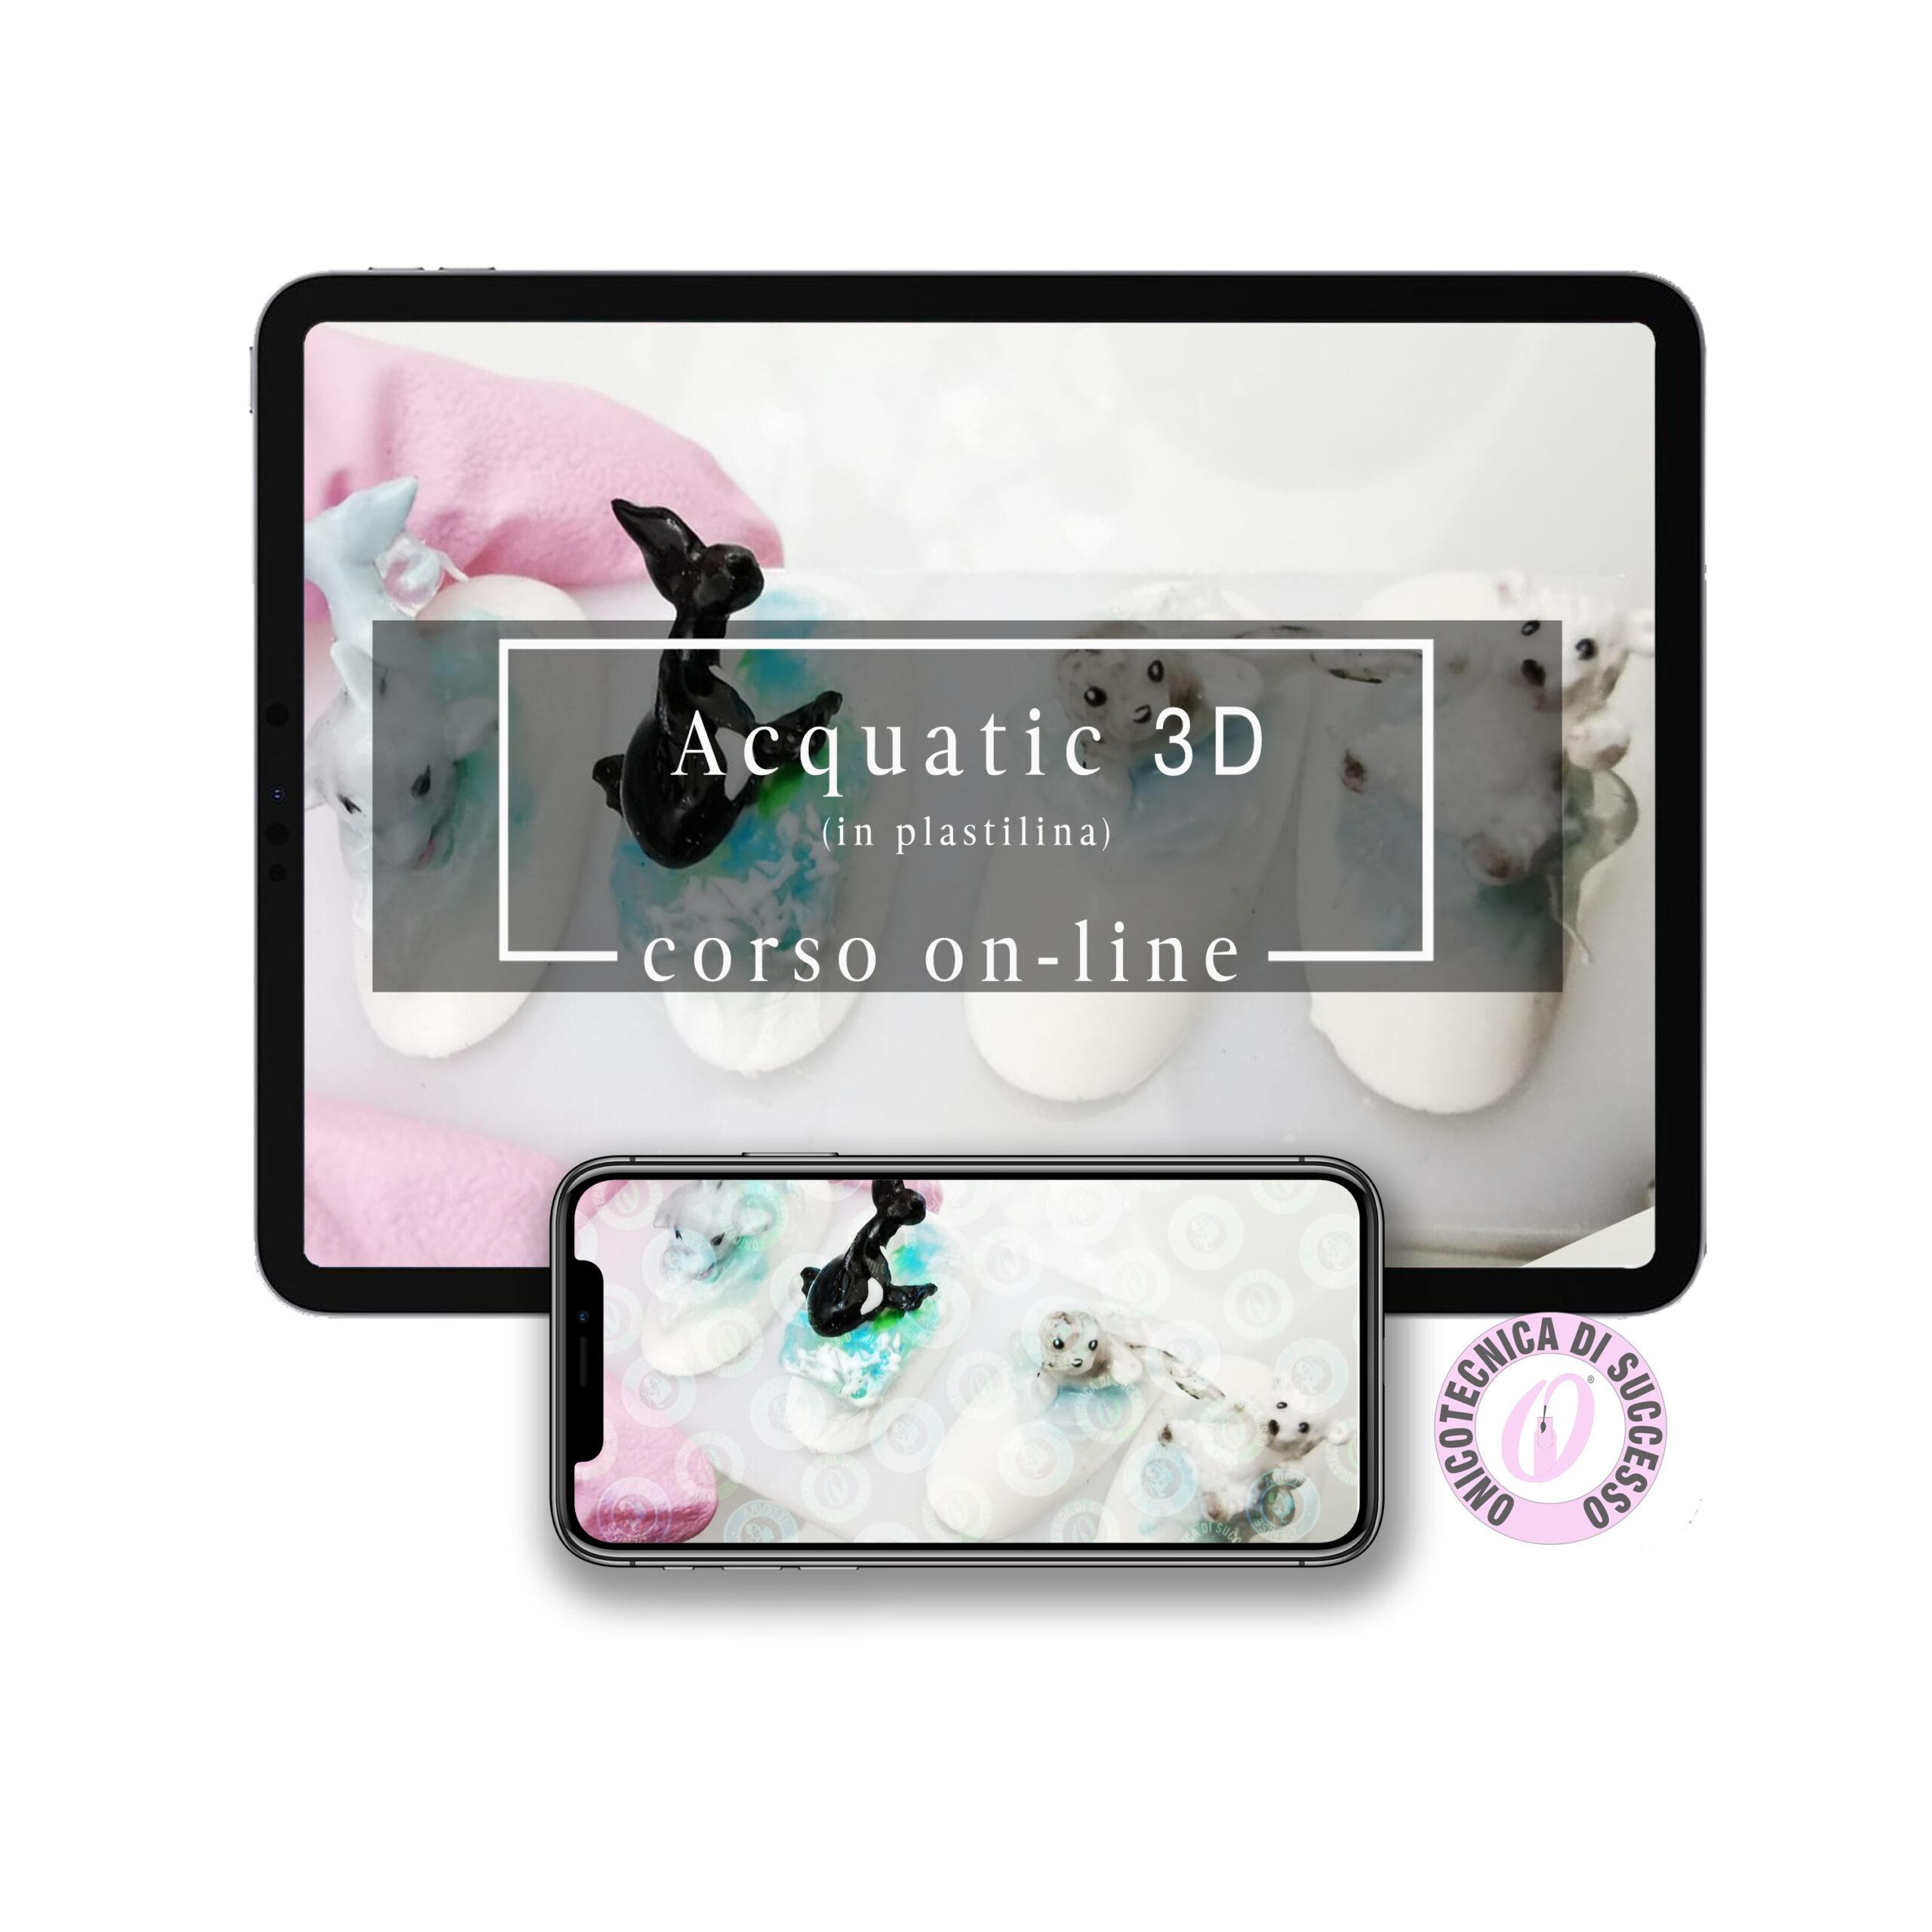 acquatic-3D